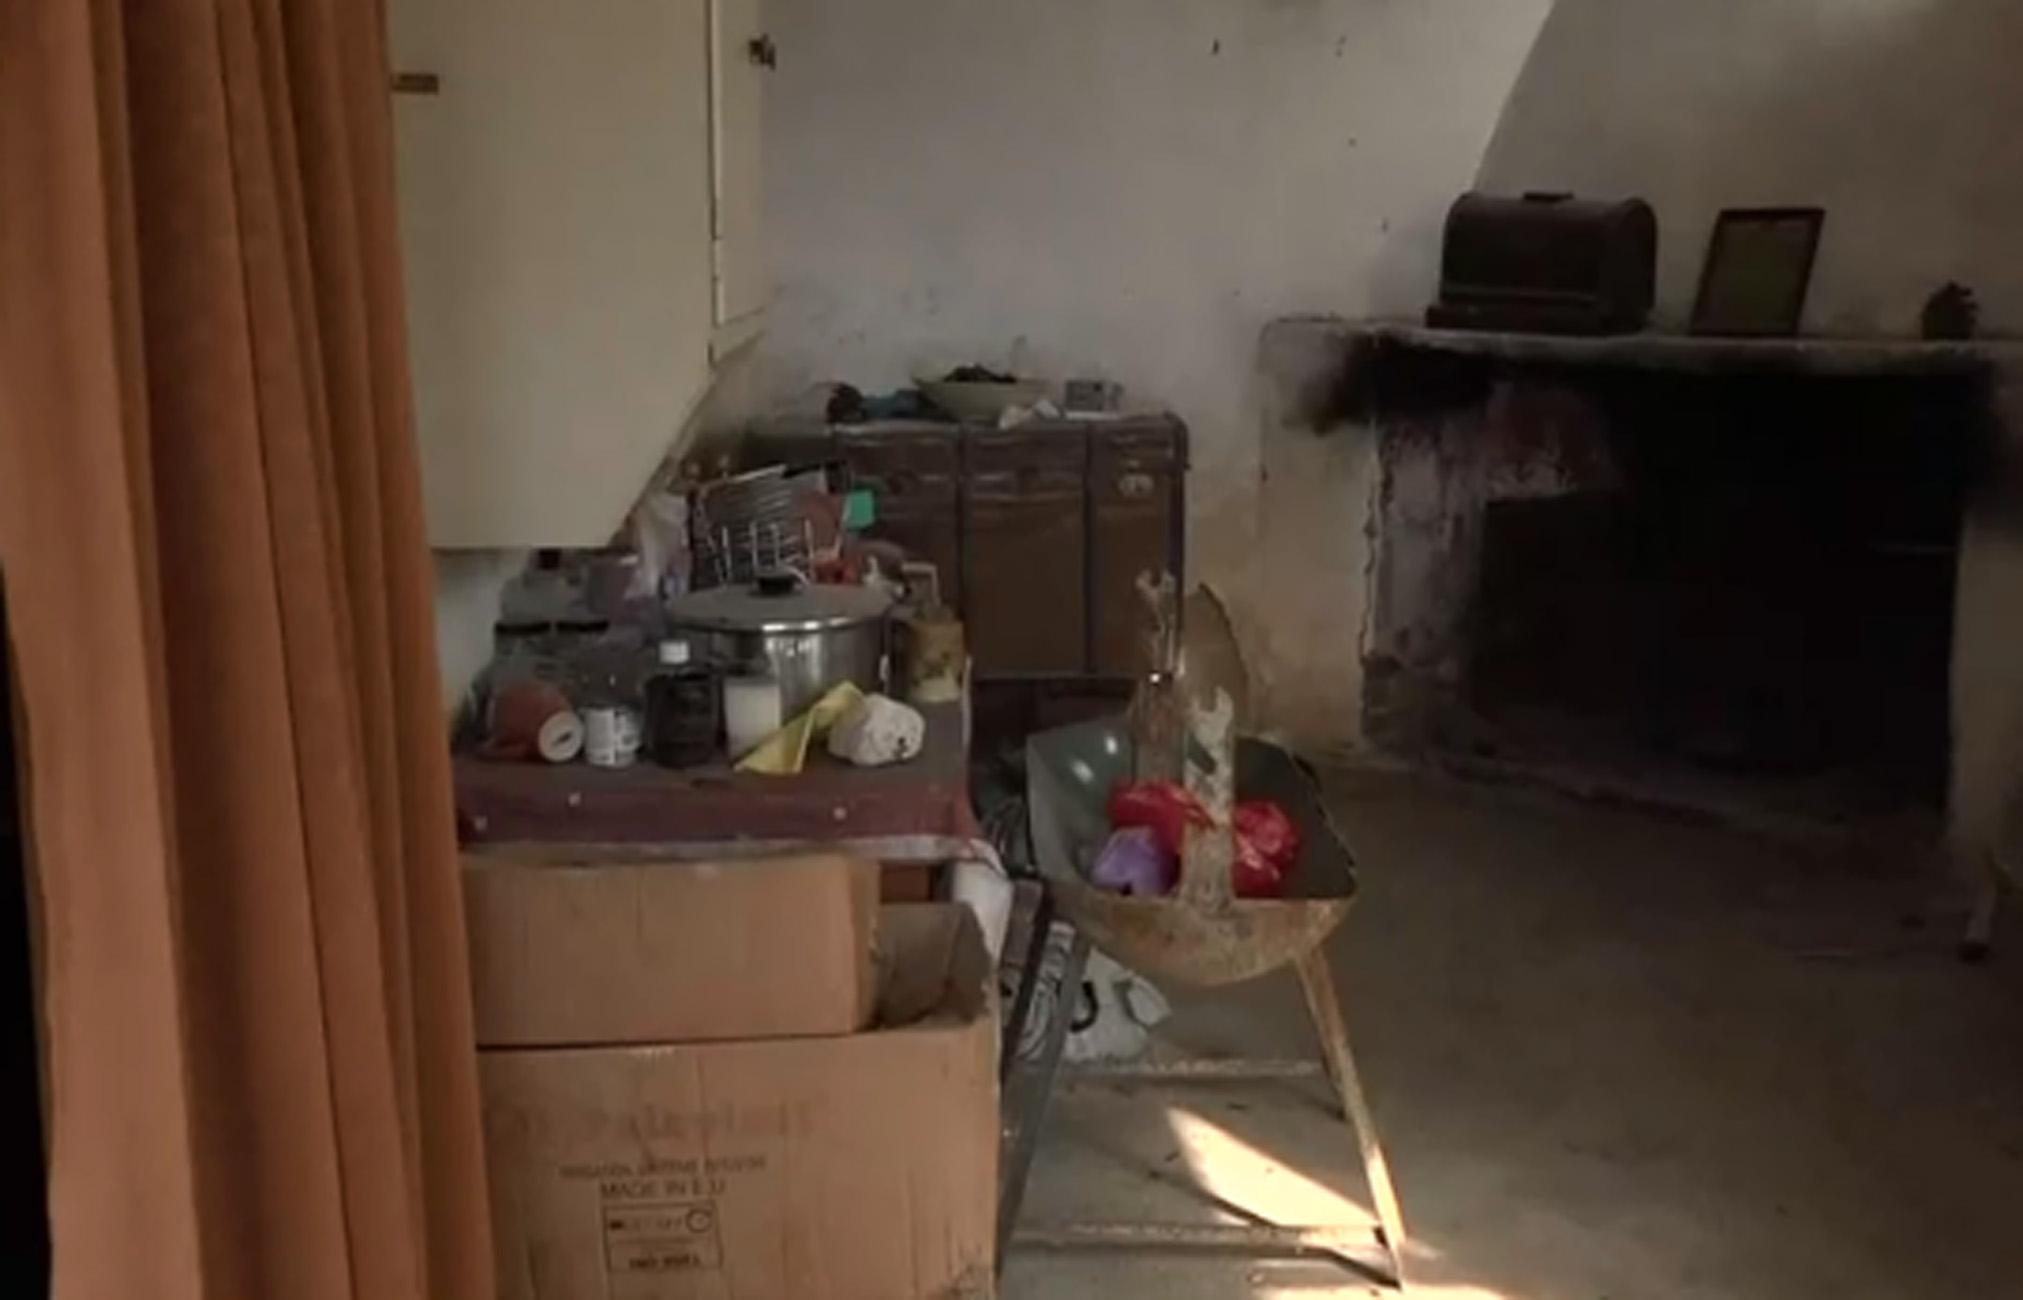 Σοκ στο Μαρκόπουλο: Κουκουλοφόρος επιτέθηκε σε γυναίκα μέσα στο σπίτι της